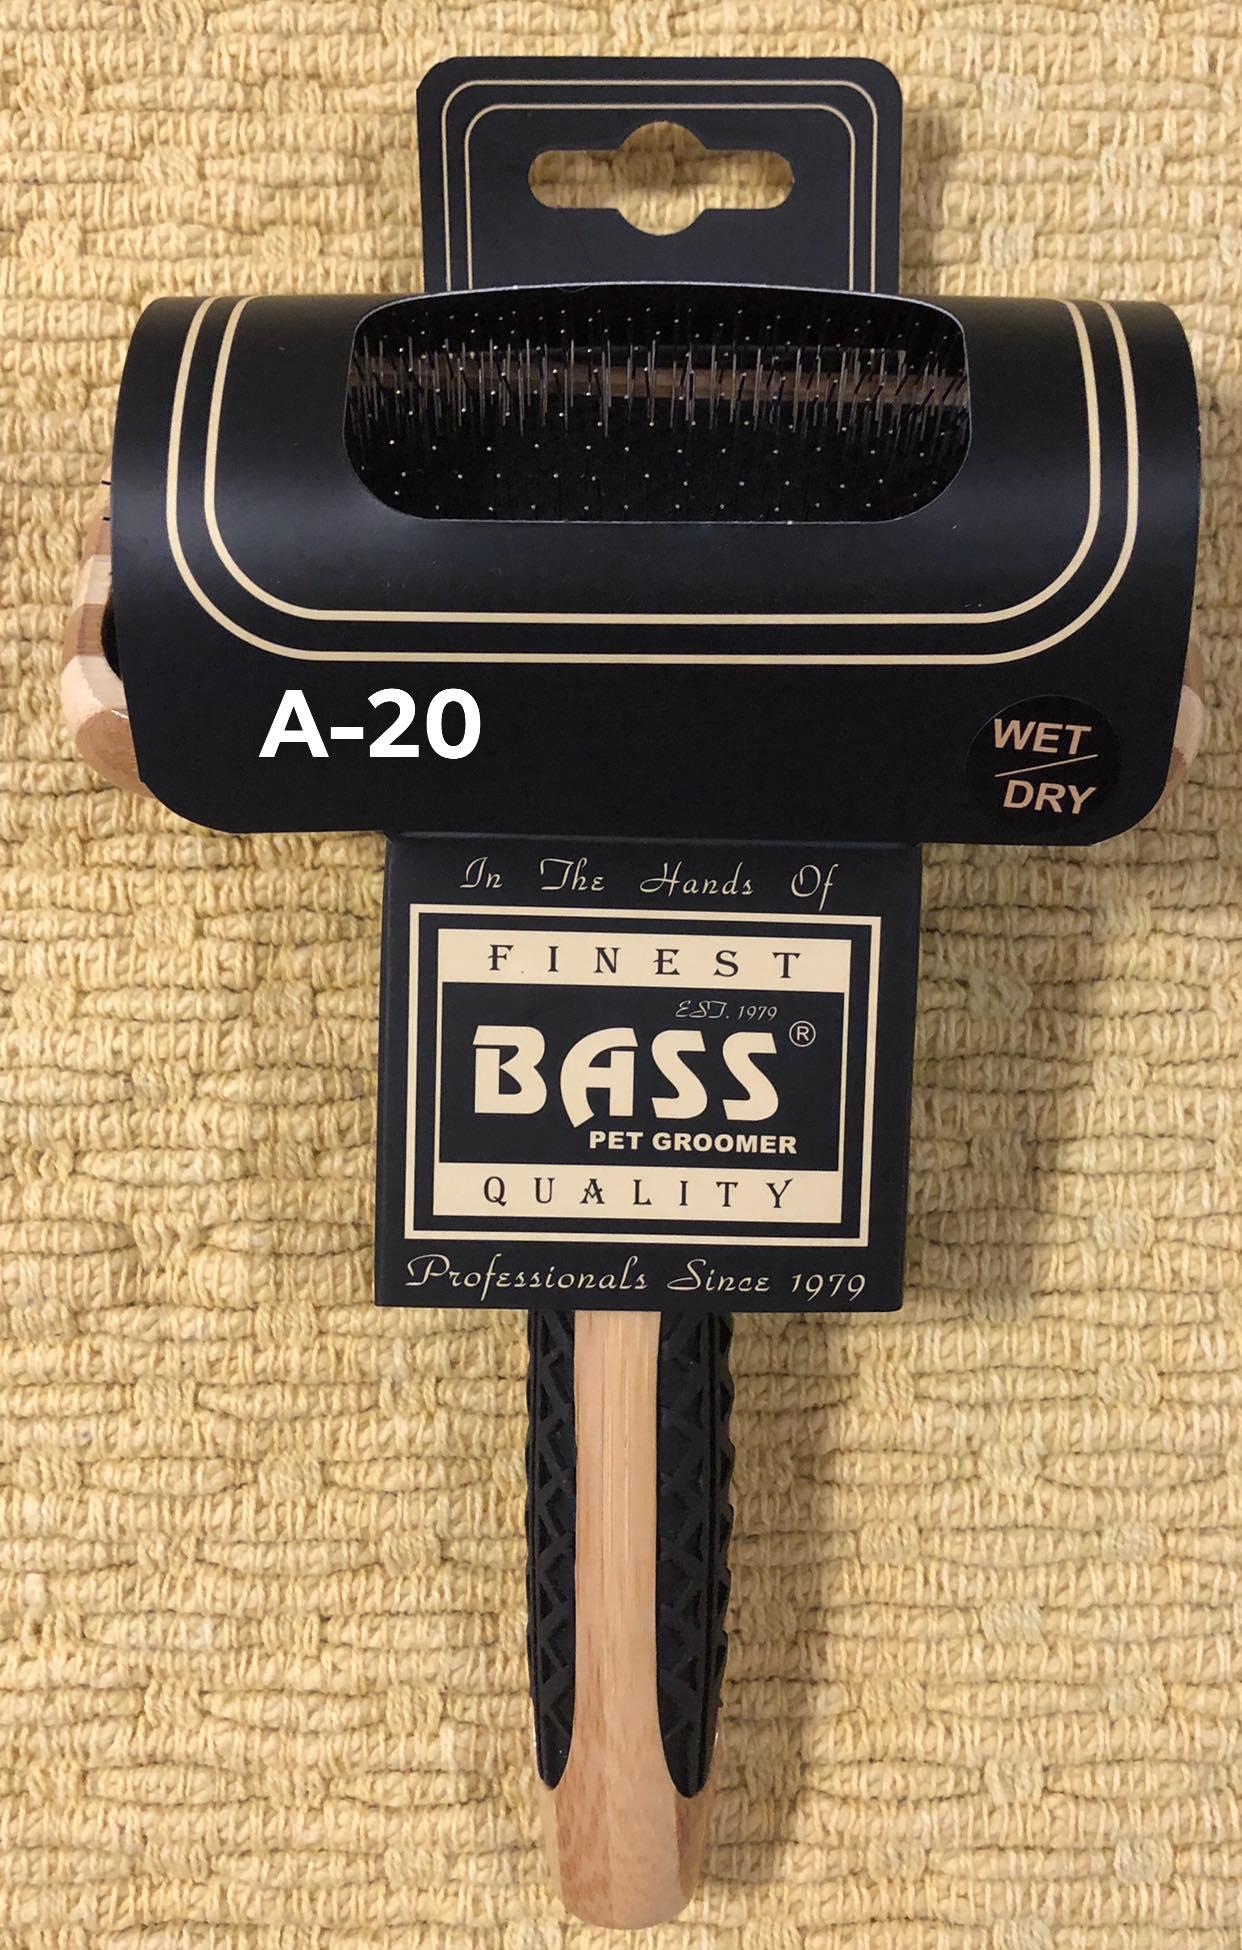 Bass Brush A-20 wet/dry regular